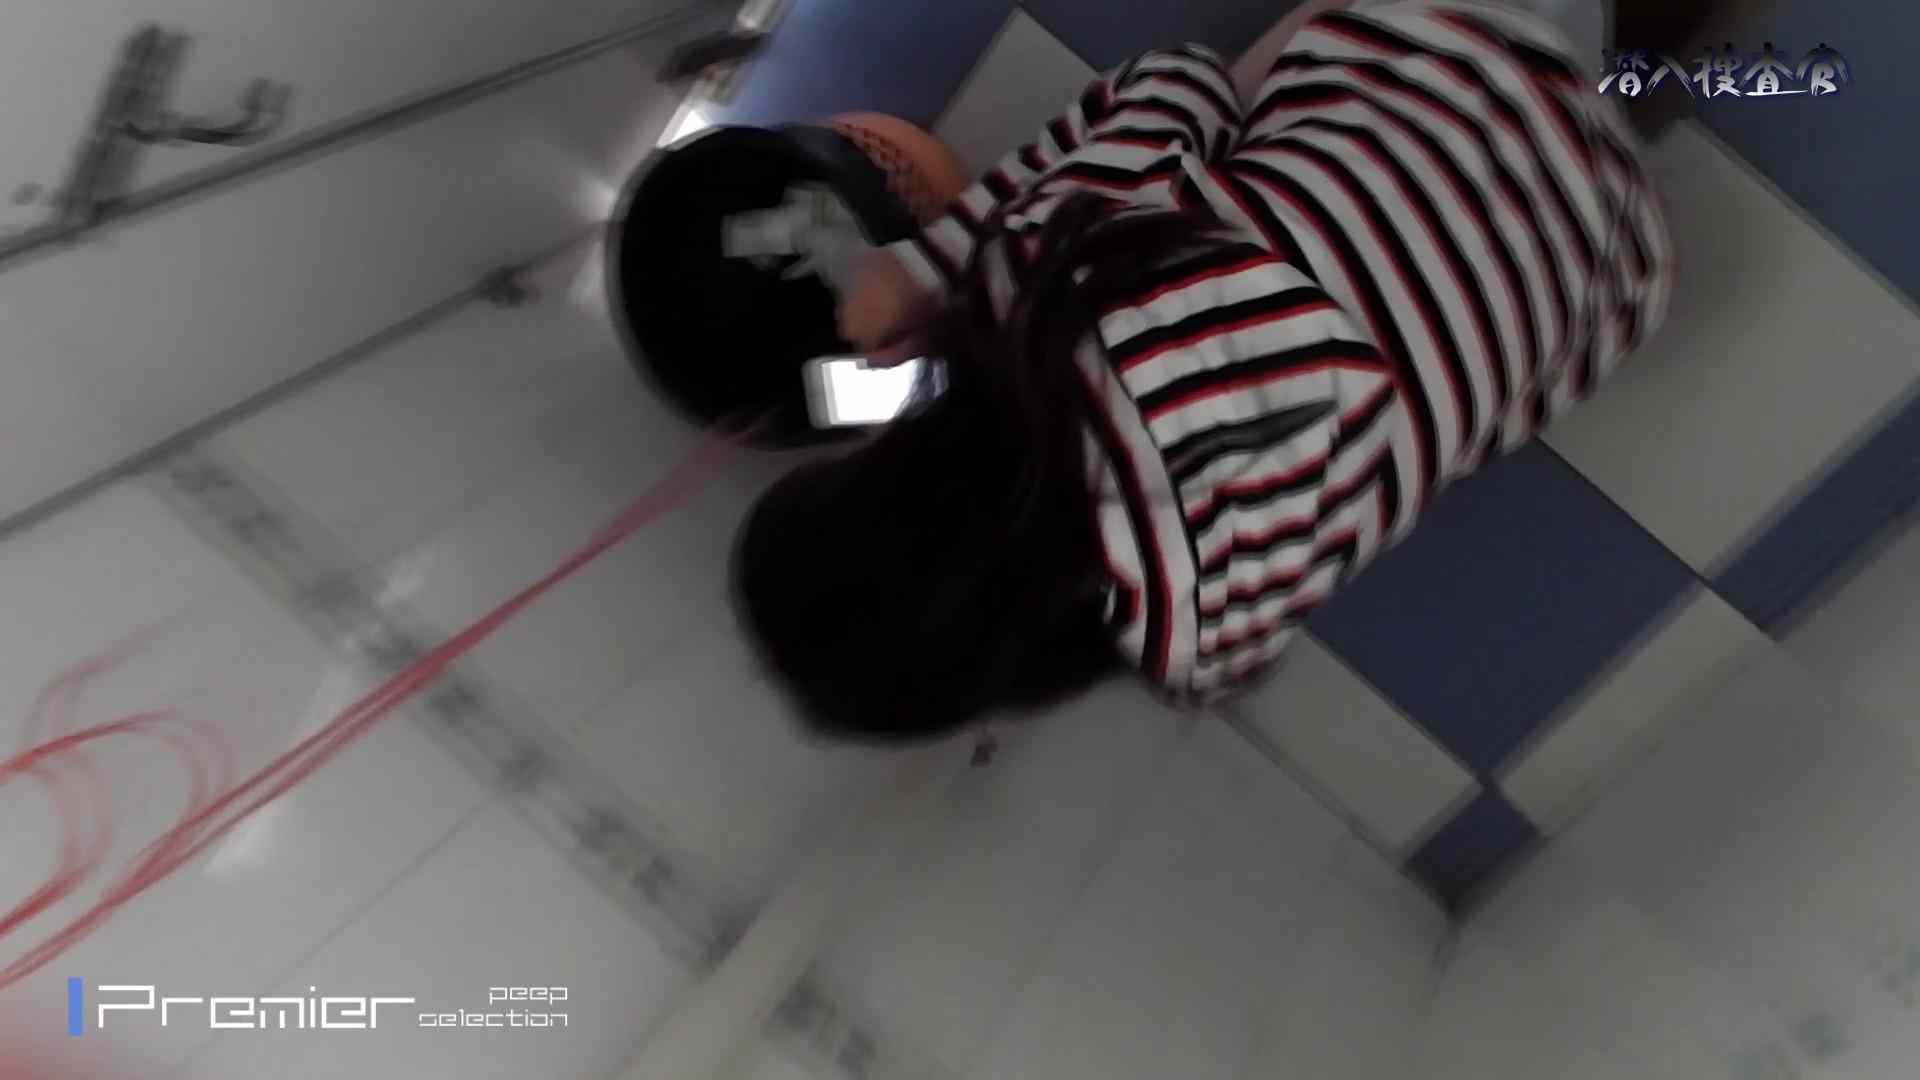 下からノゾム vol.041 携帯に夢中、後ろに居るカメラはやりたい放題! 隠れた名作  85画像 32